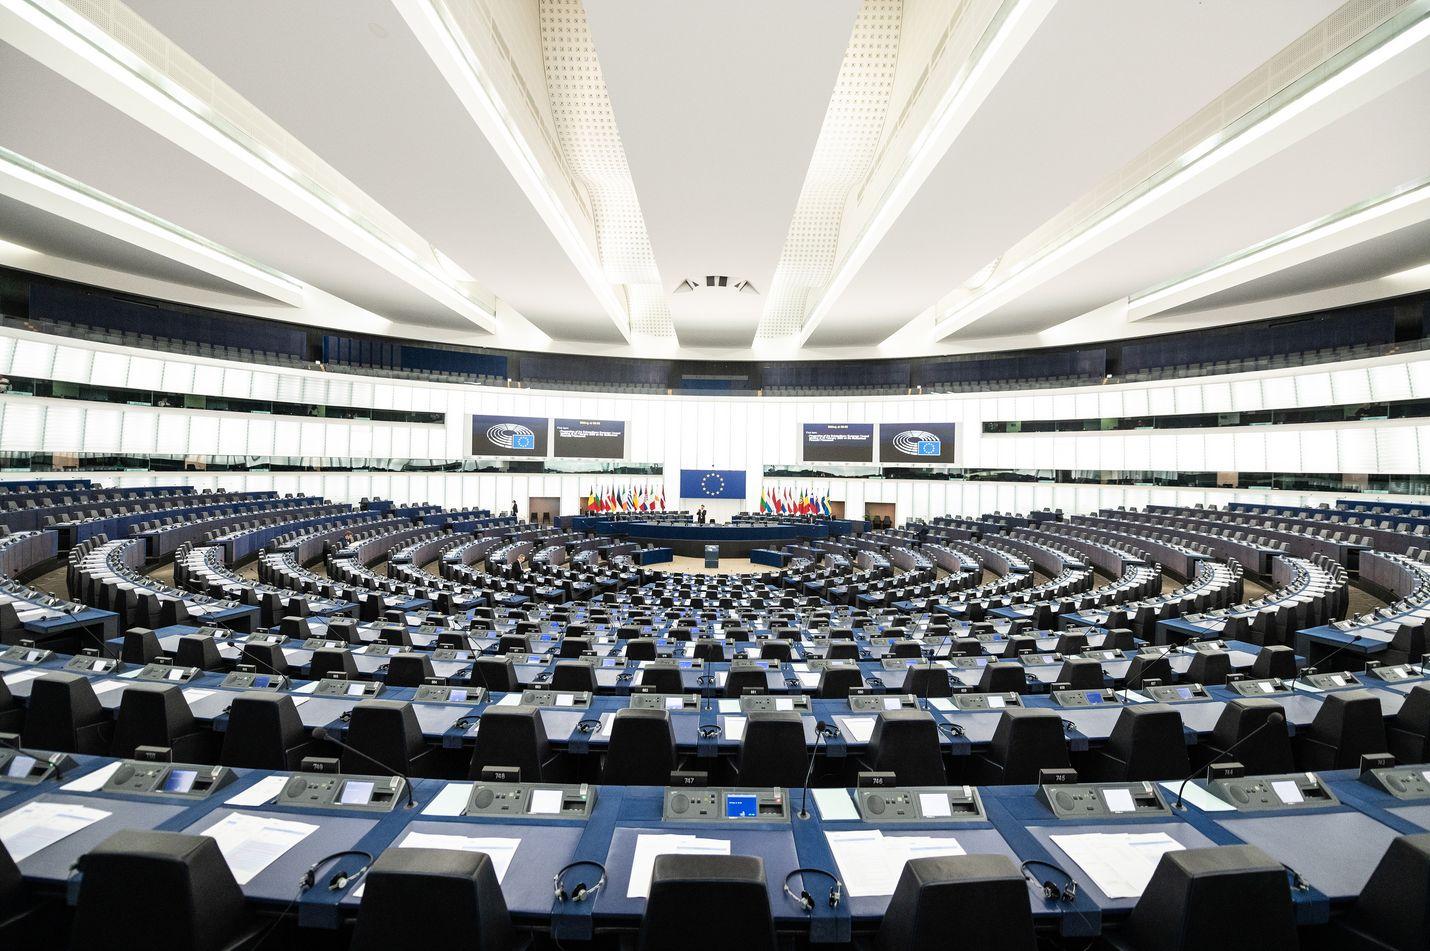 Euroopan parlamentin istuntosali Strasbourgissa on tänäänkin tyhjä.